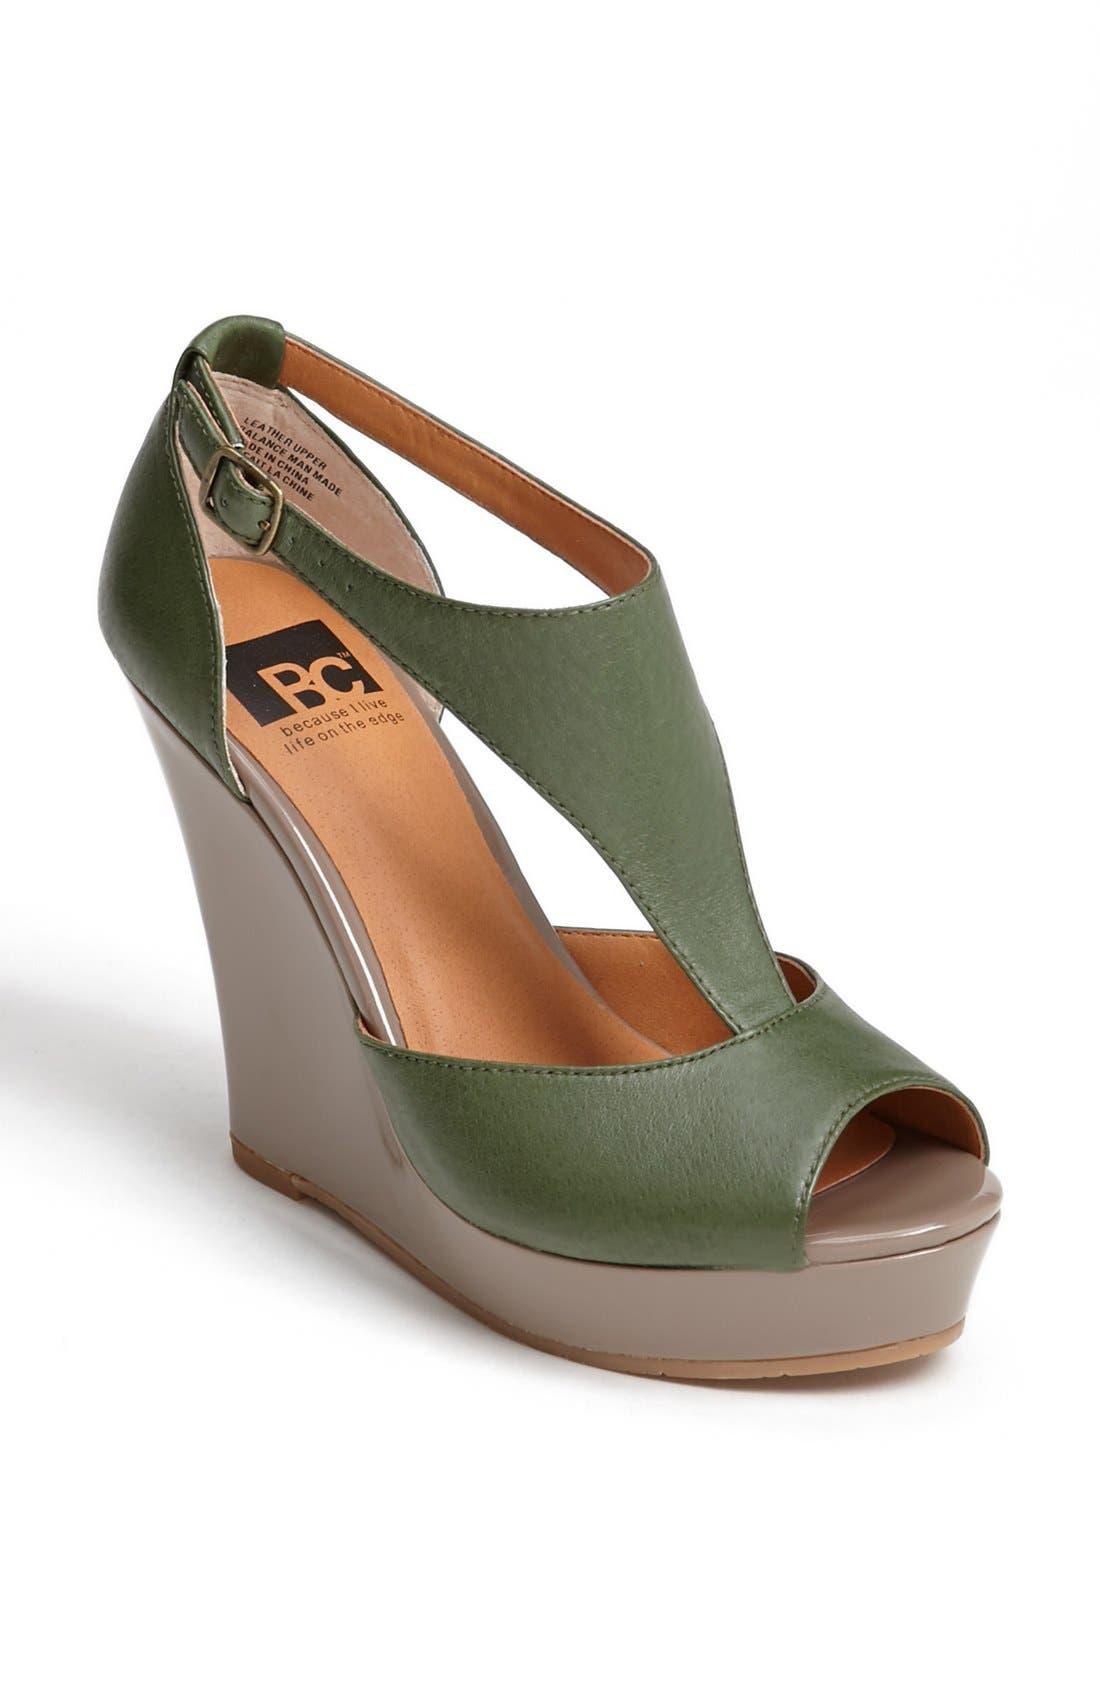 Alternate Image 1 Selected - BC Footwear 'Lickety Split' Wedge Sandal